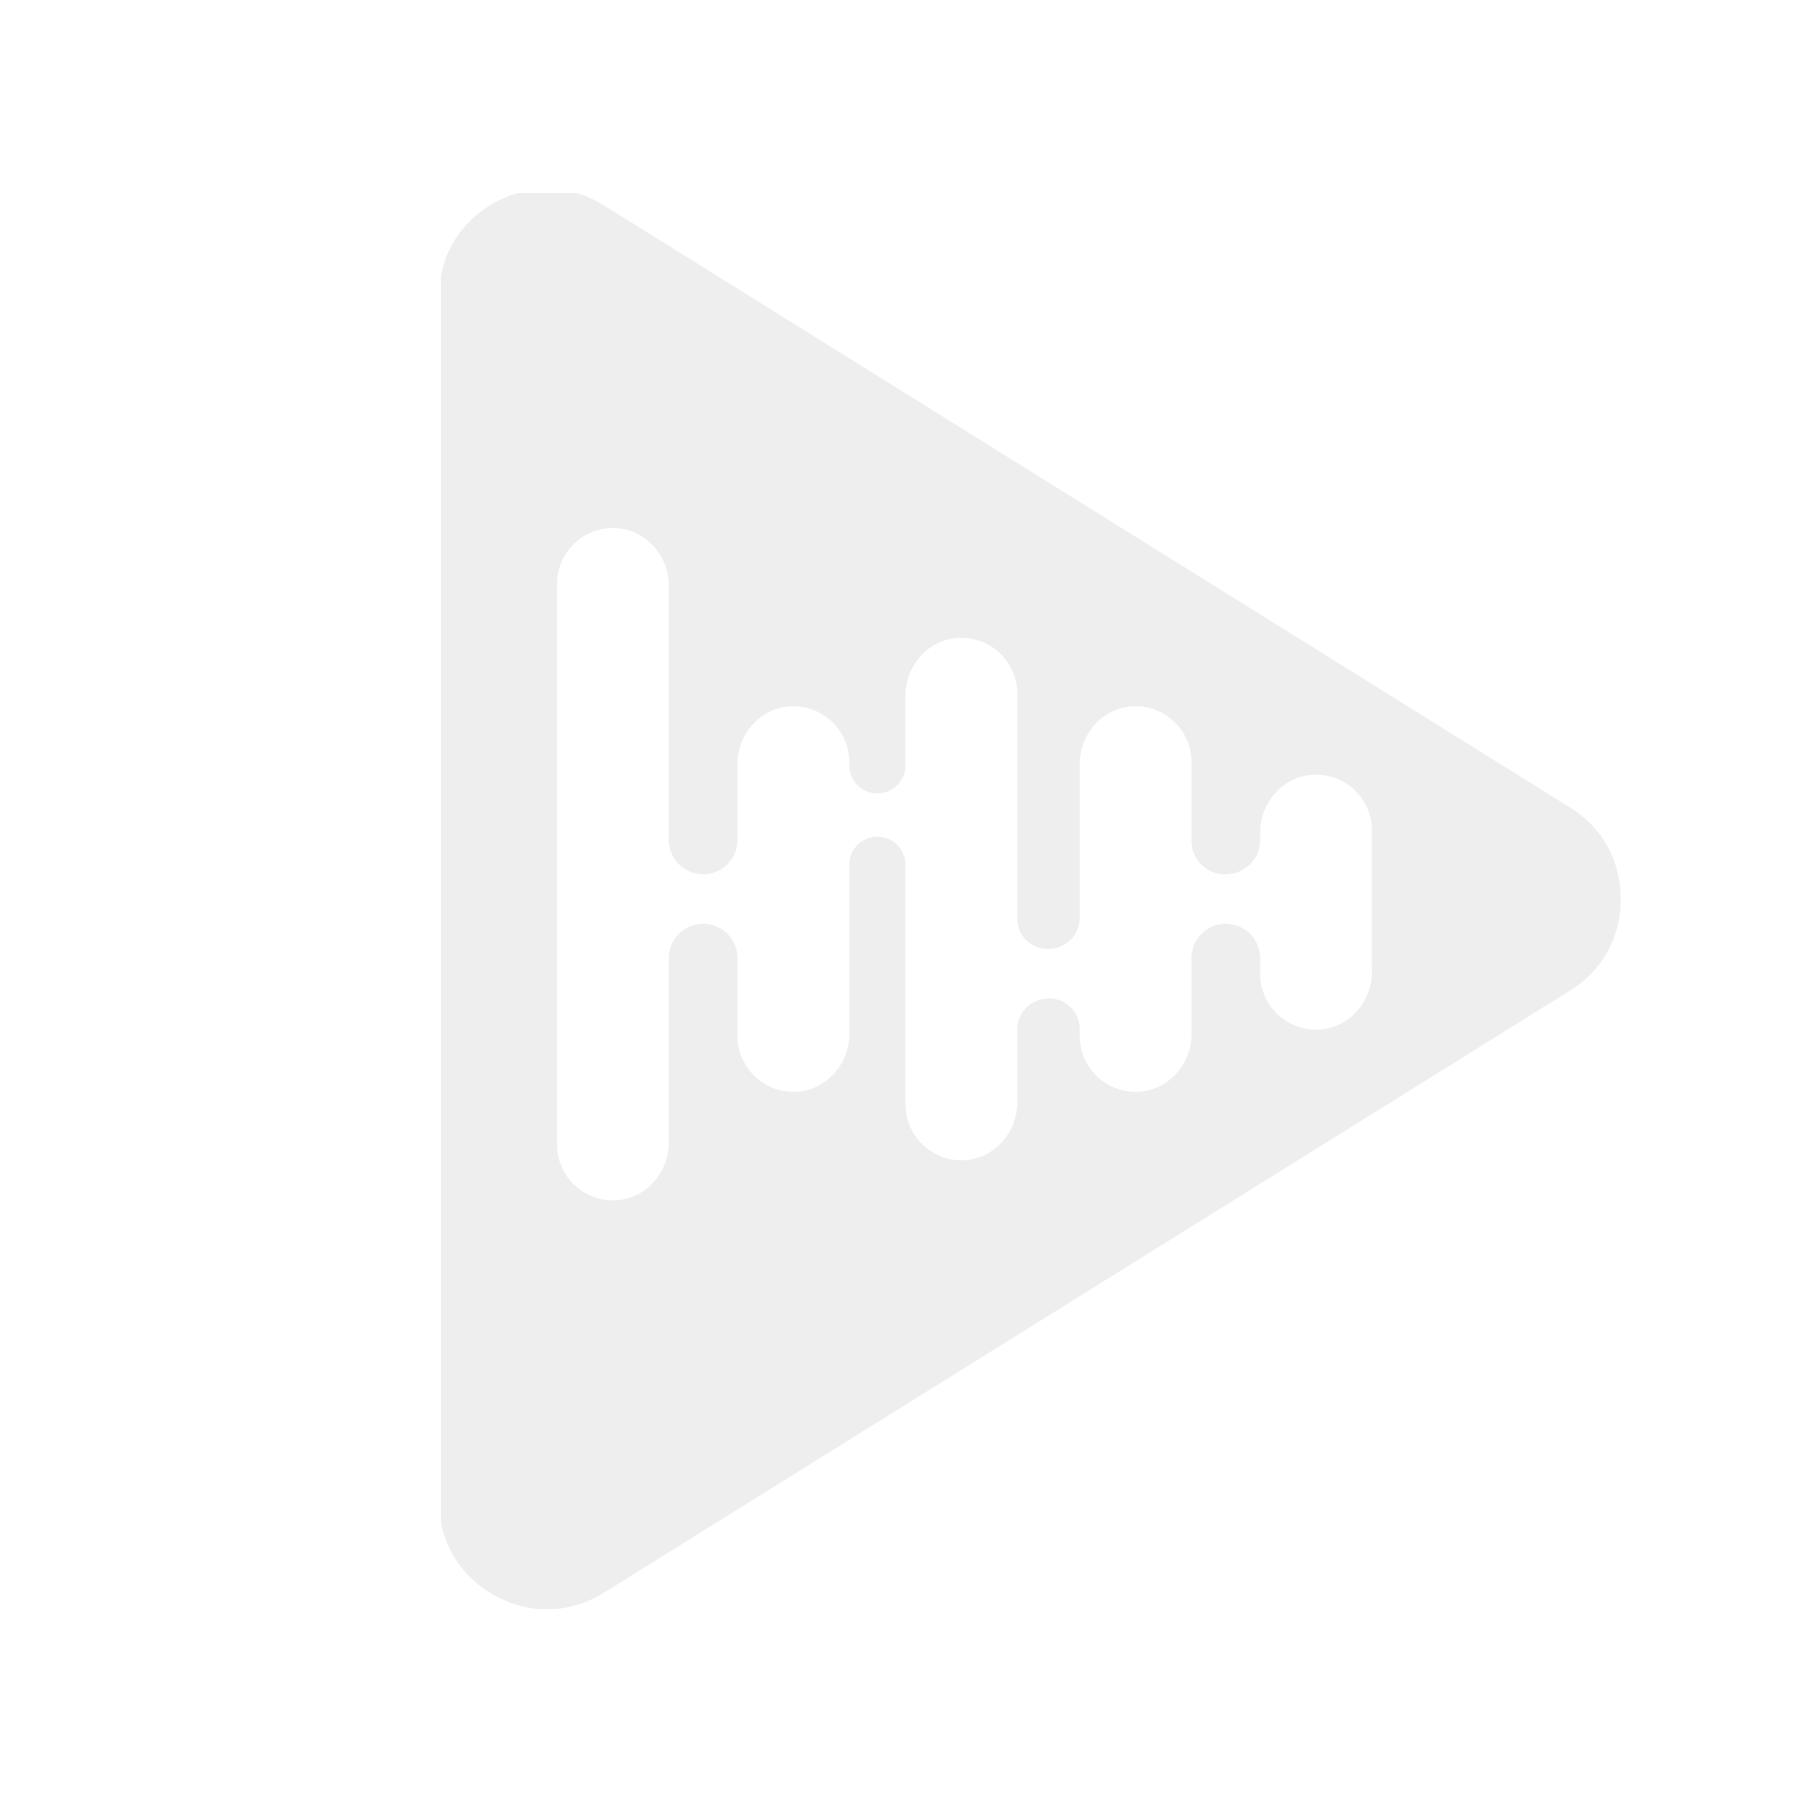 Audison AP 6.5 - DEMO, STK